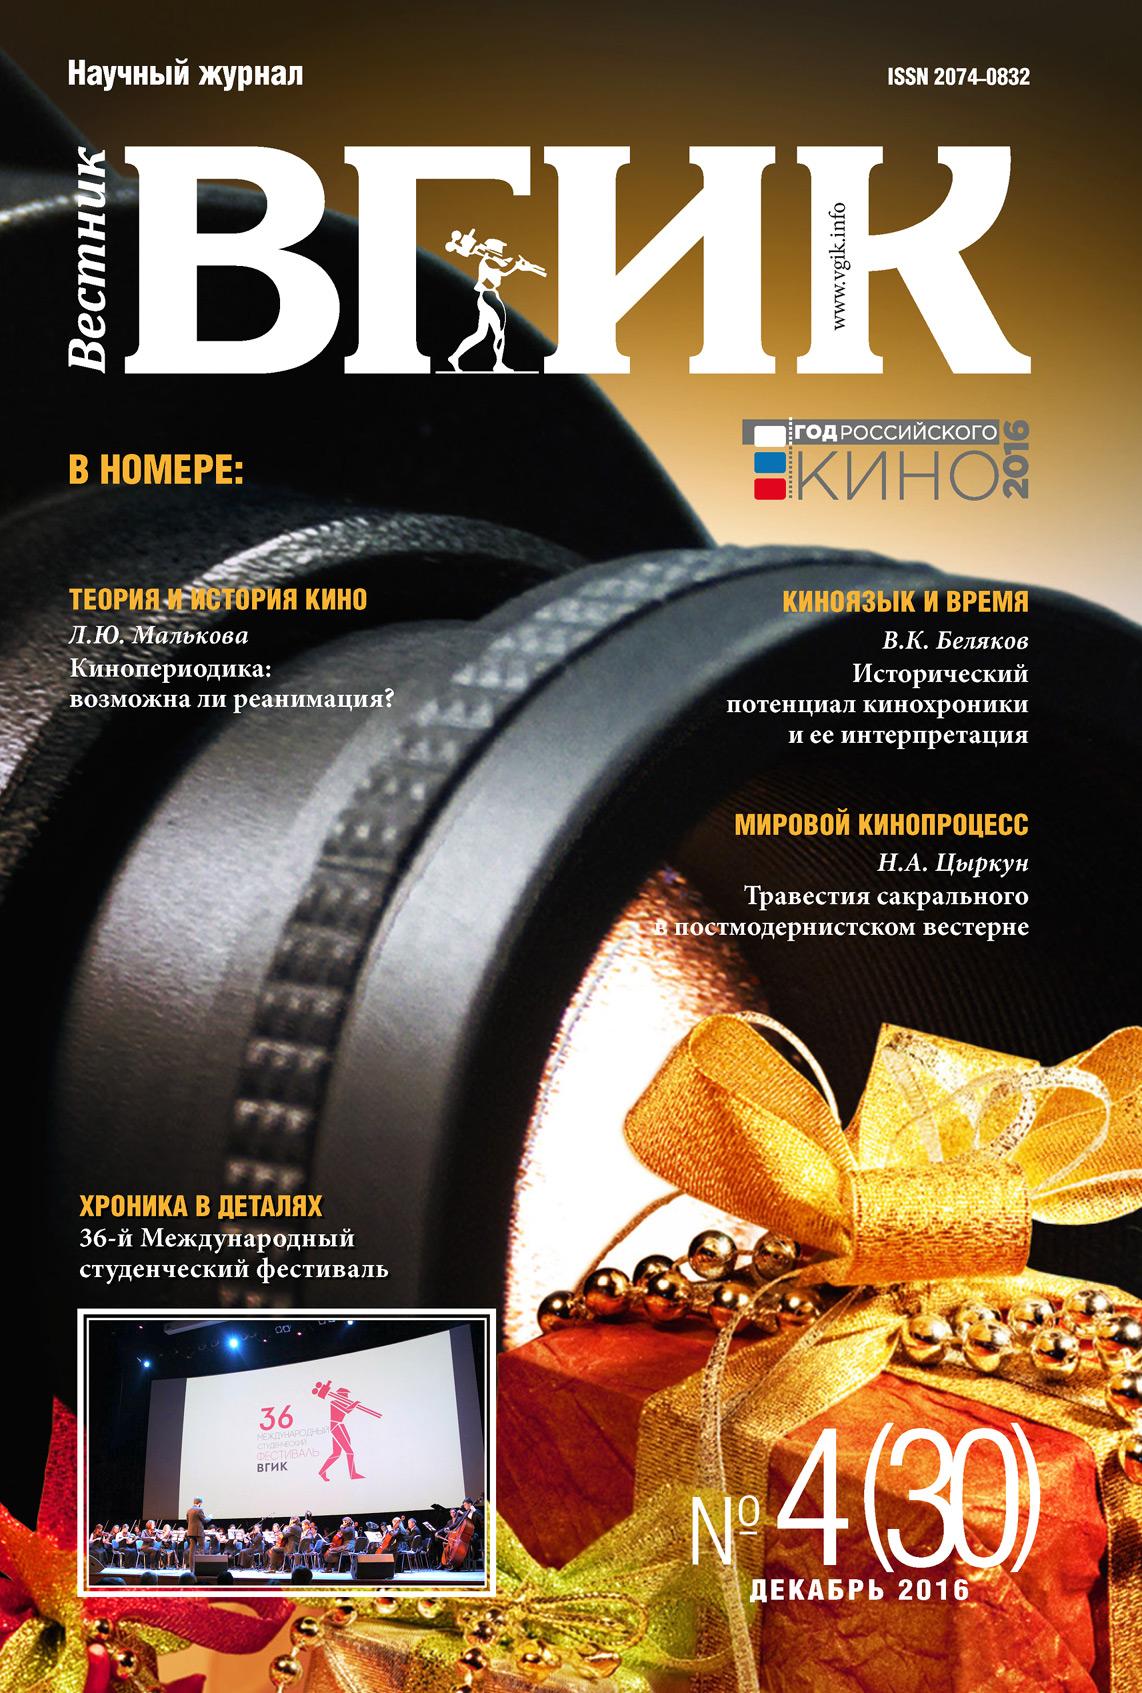 Вестник ВГИК №30 декабрь 2016 ( Отсутствует  )